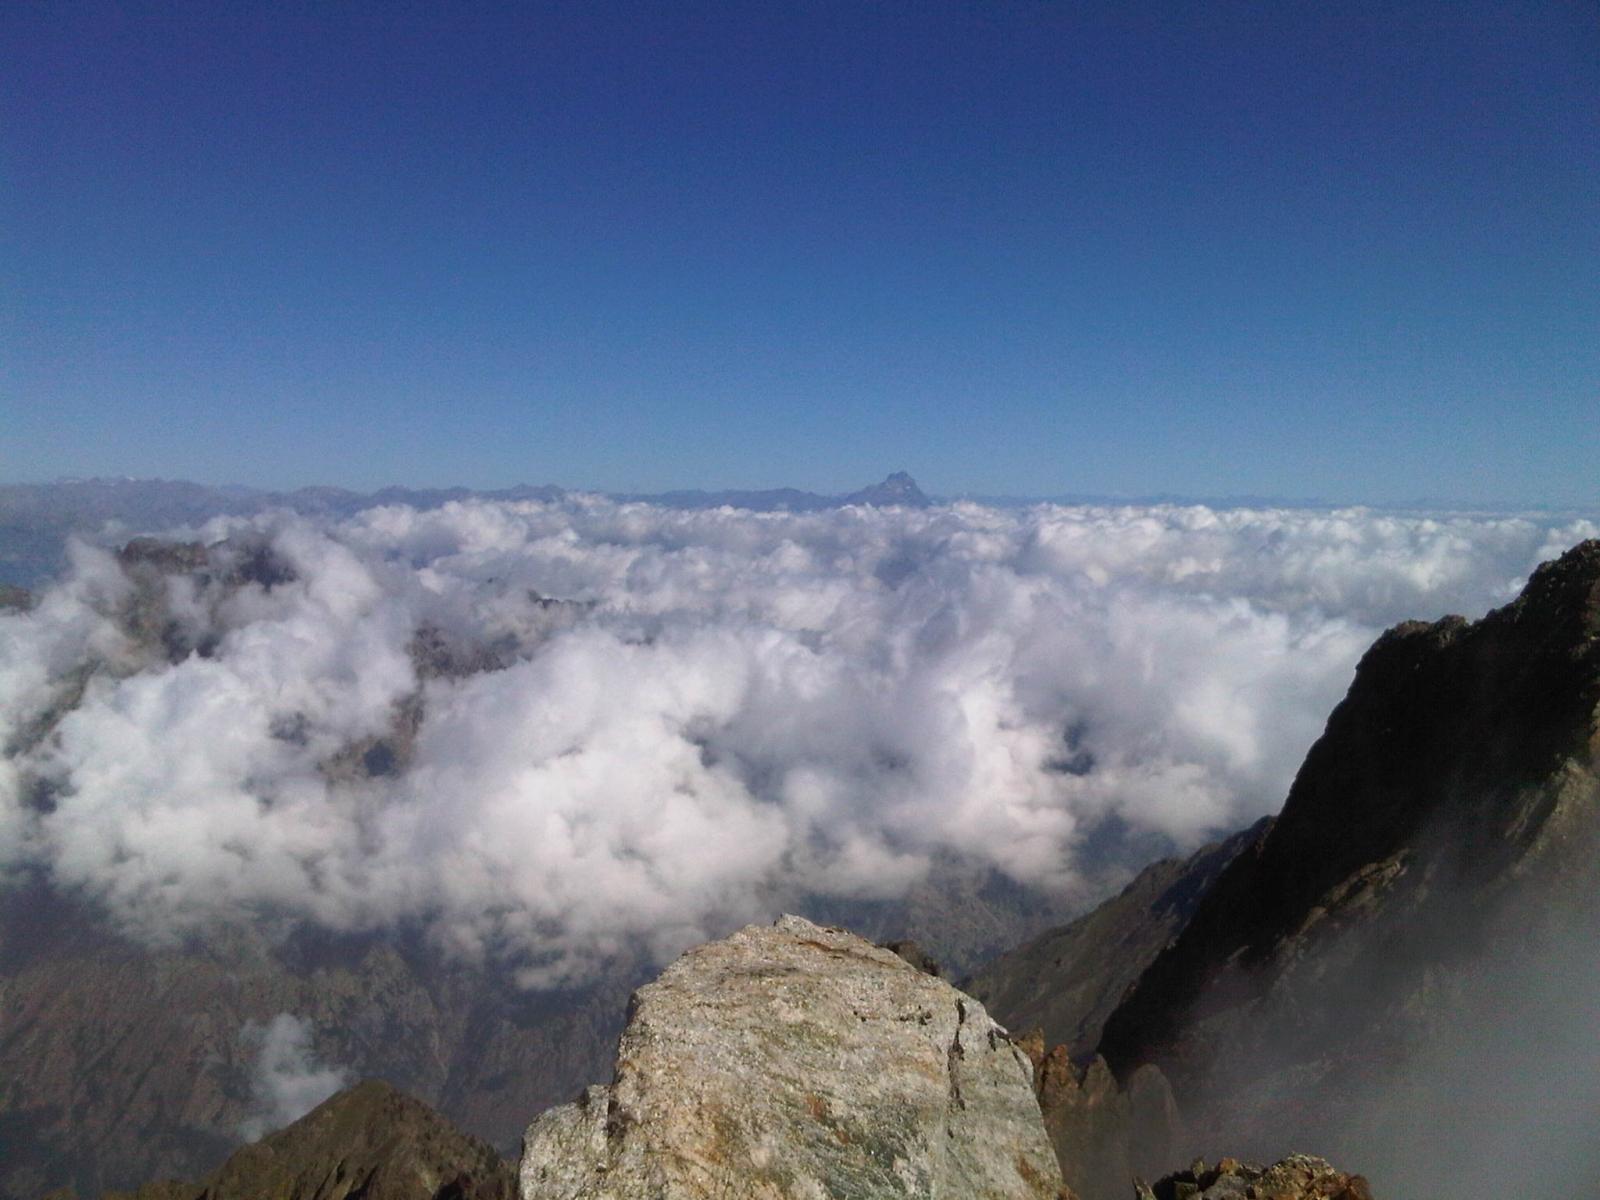 Mte. Argentera, August 2012 - Photo 12 -